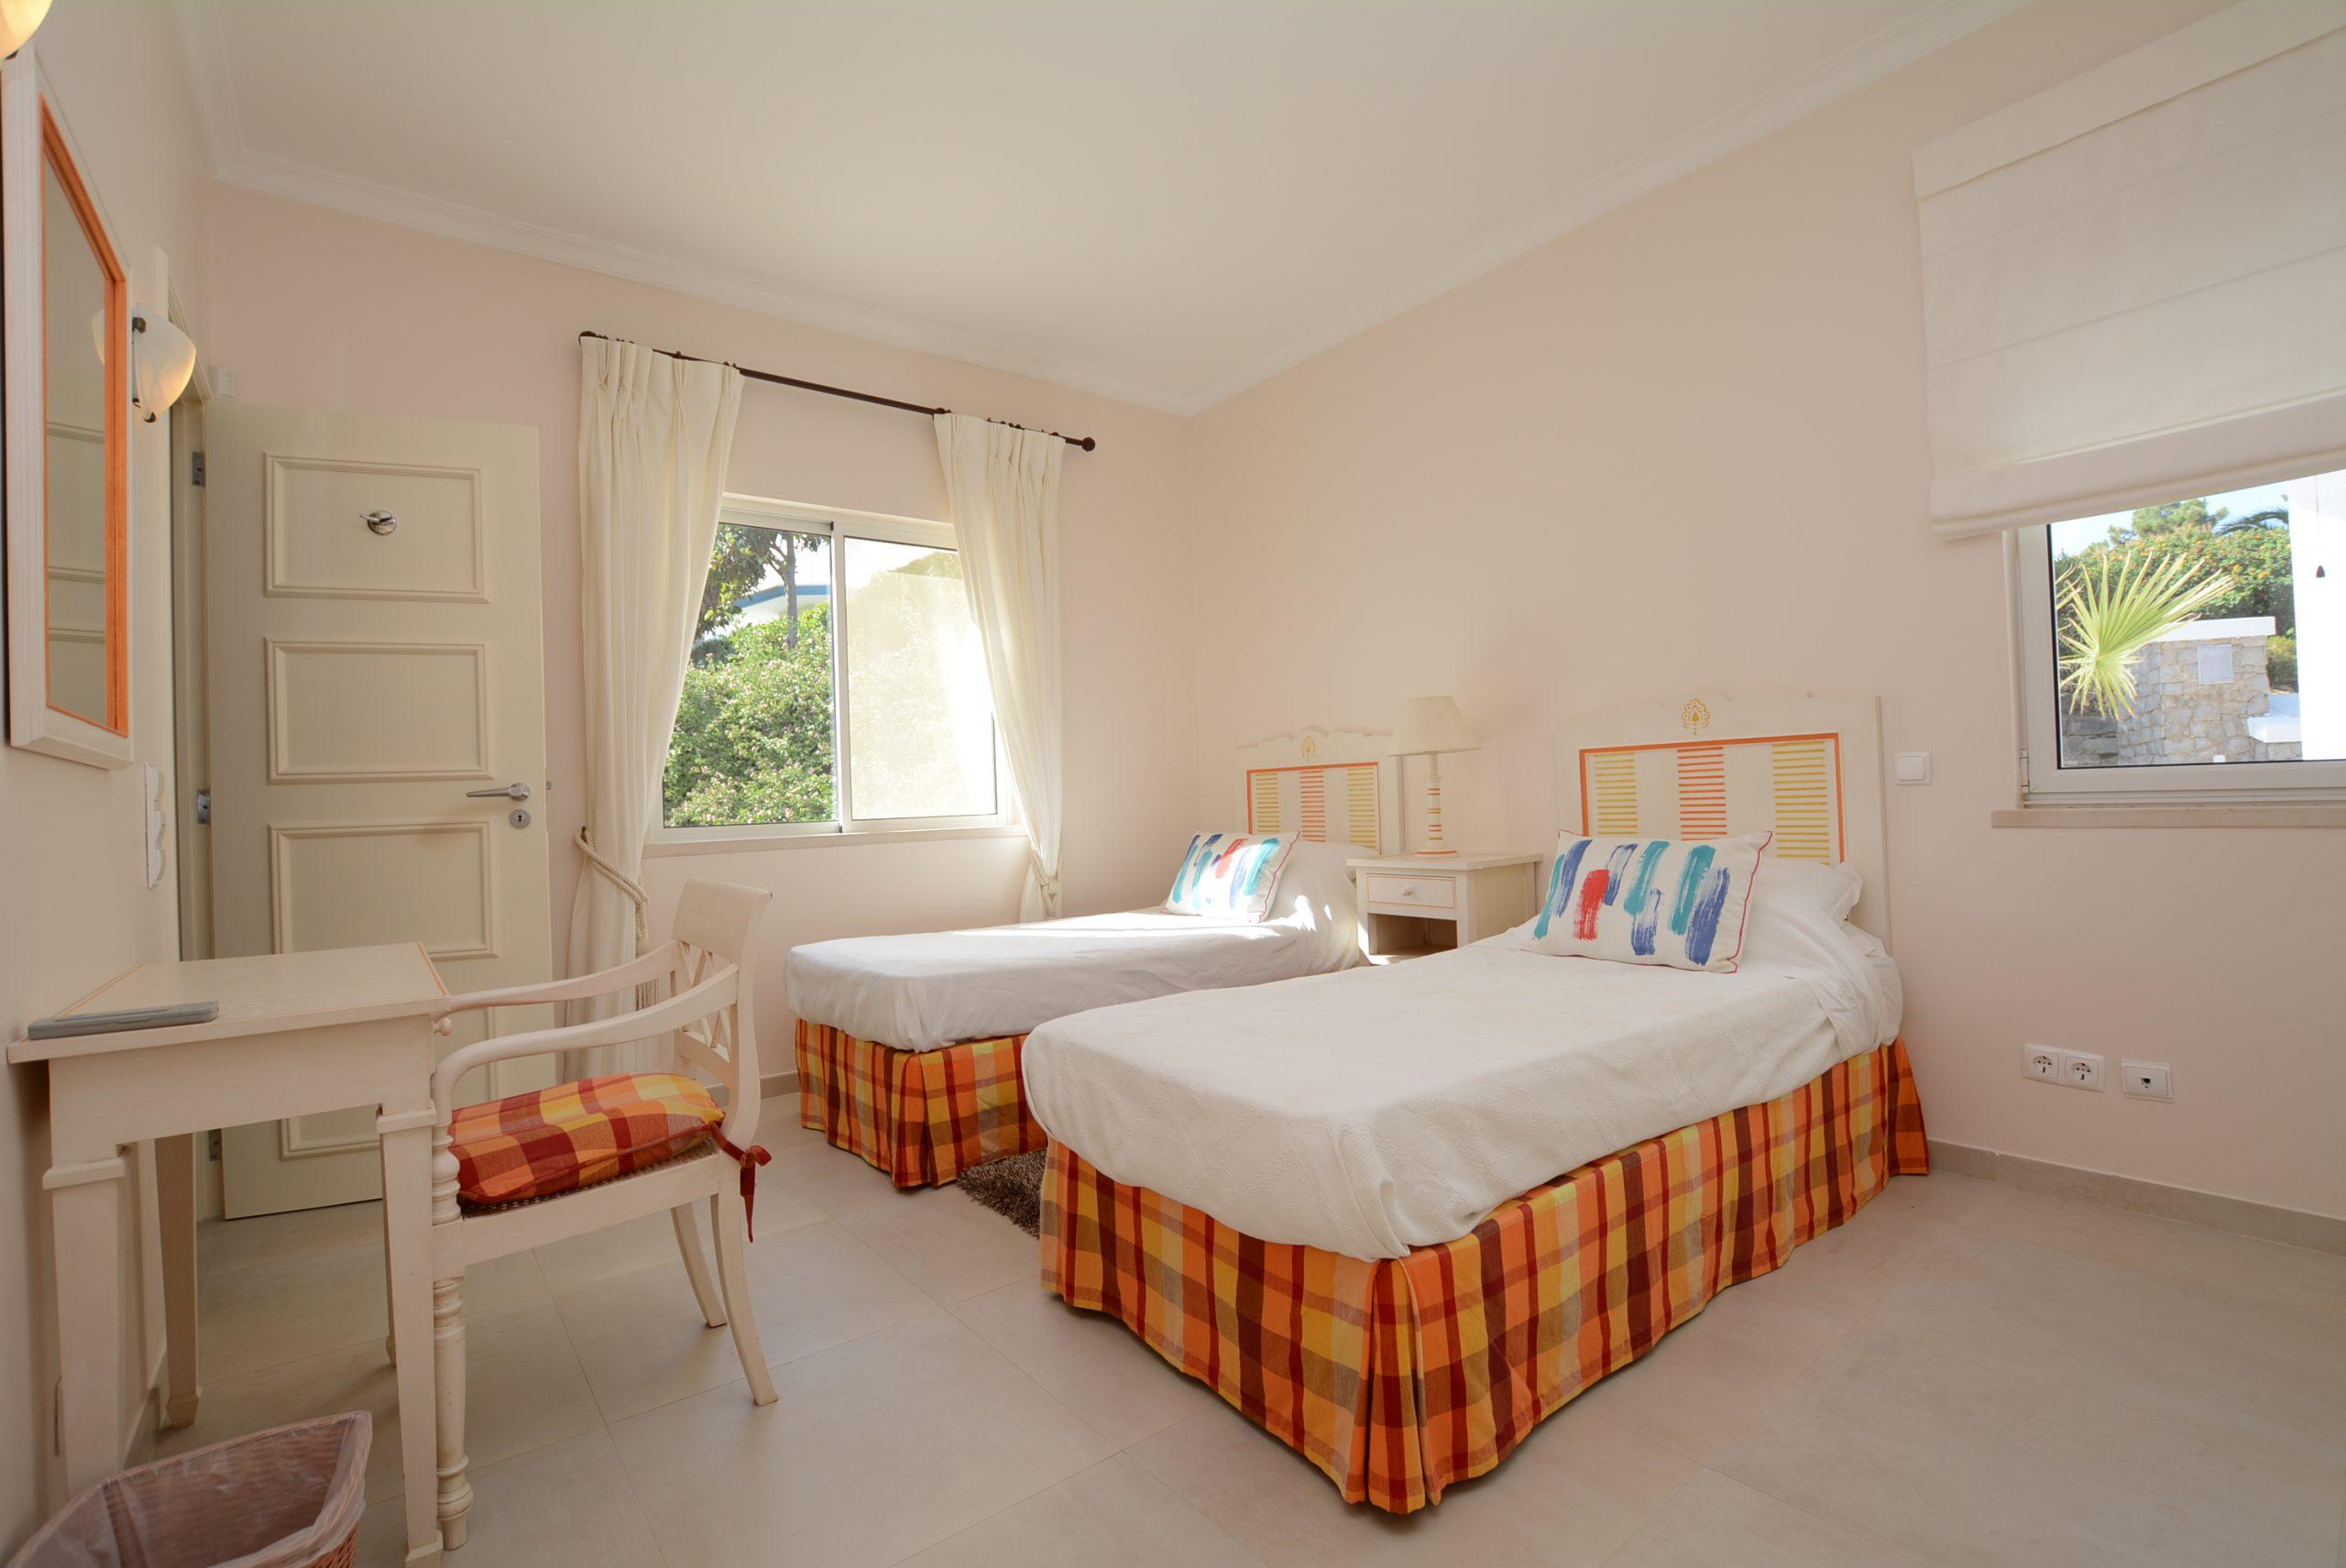 2 Bedroom Apartment for sale in Encosta do Lago, Quinta do Lago (9)